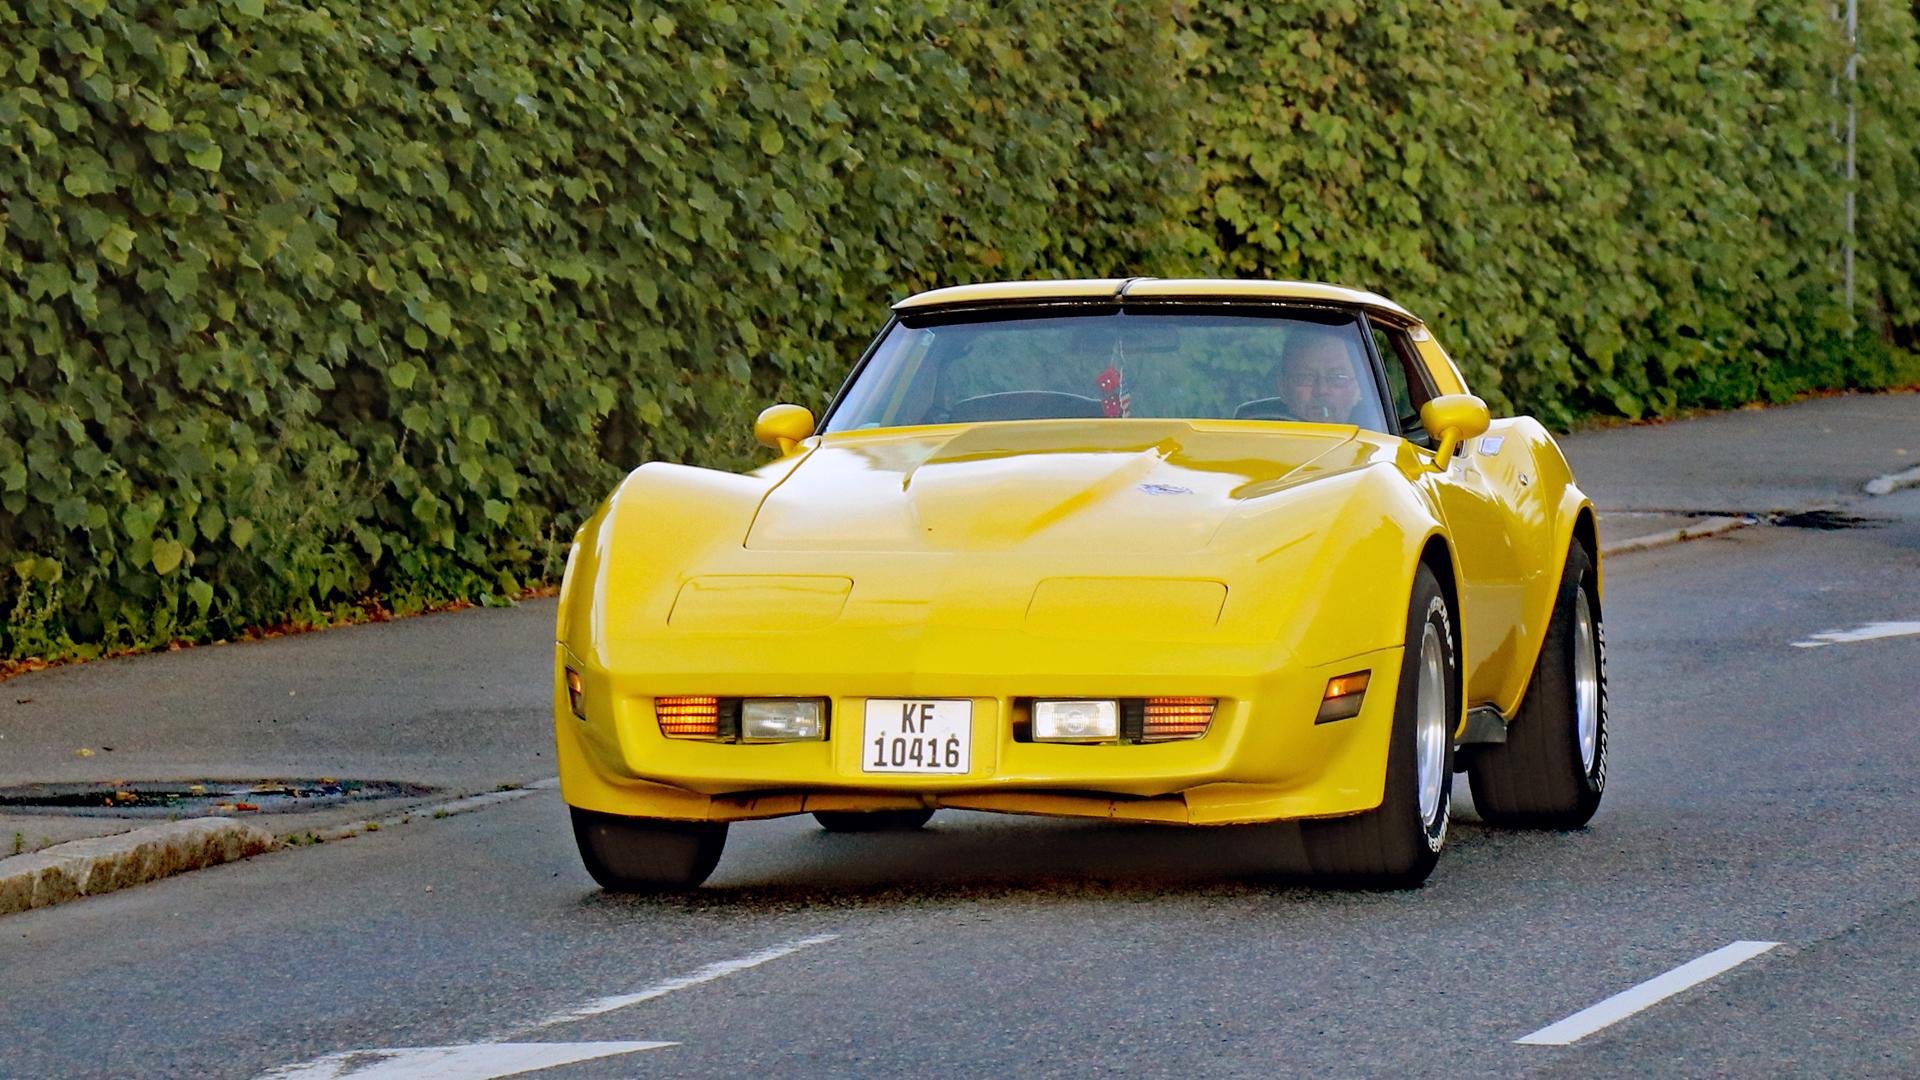 277-1980 Chevrolet Corvette 01. Eier- medlem 277 J